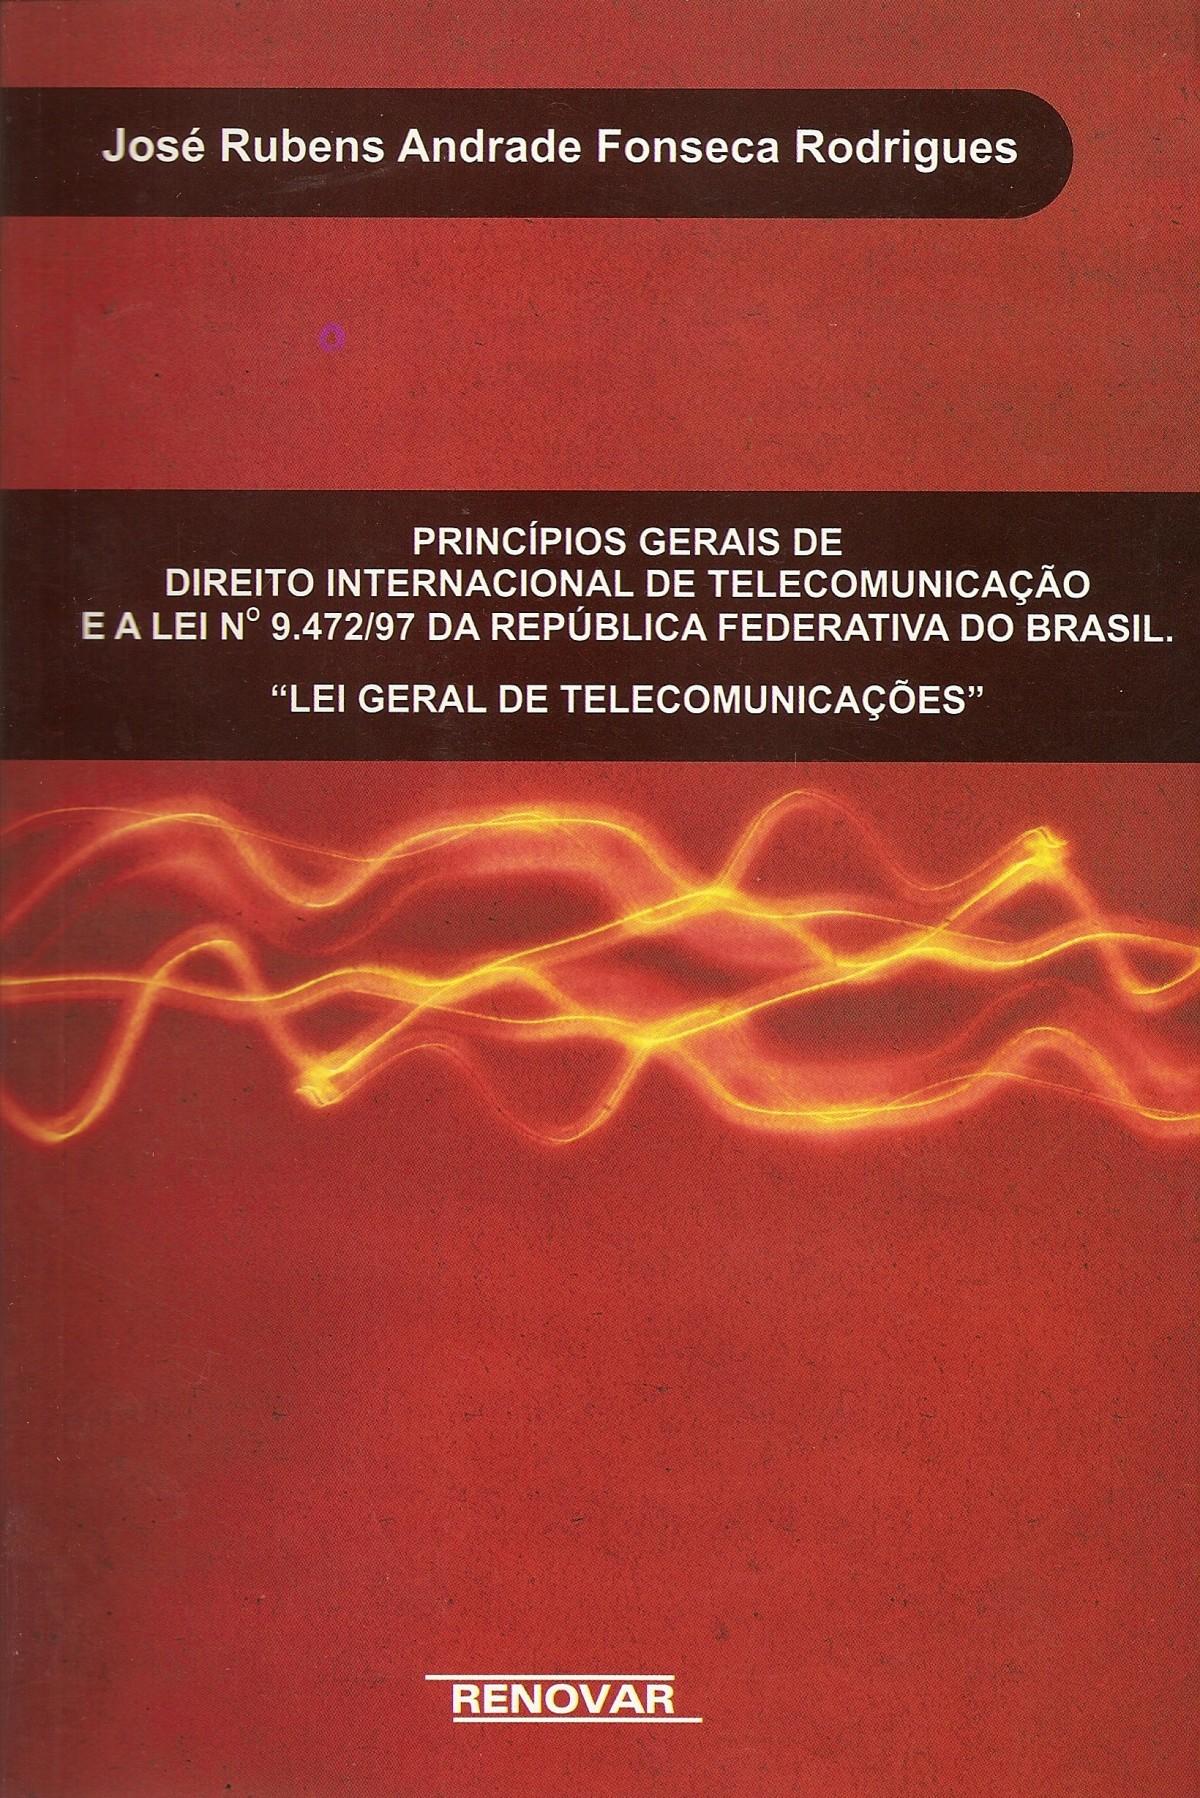 Foto 1 - Princípios Gerais de Direito Internacional de Telecomunicação e a Lei N° 9.472/97 da República Feder